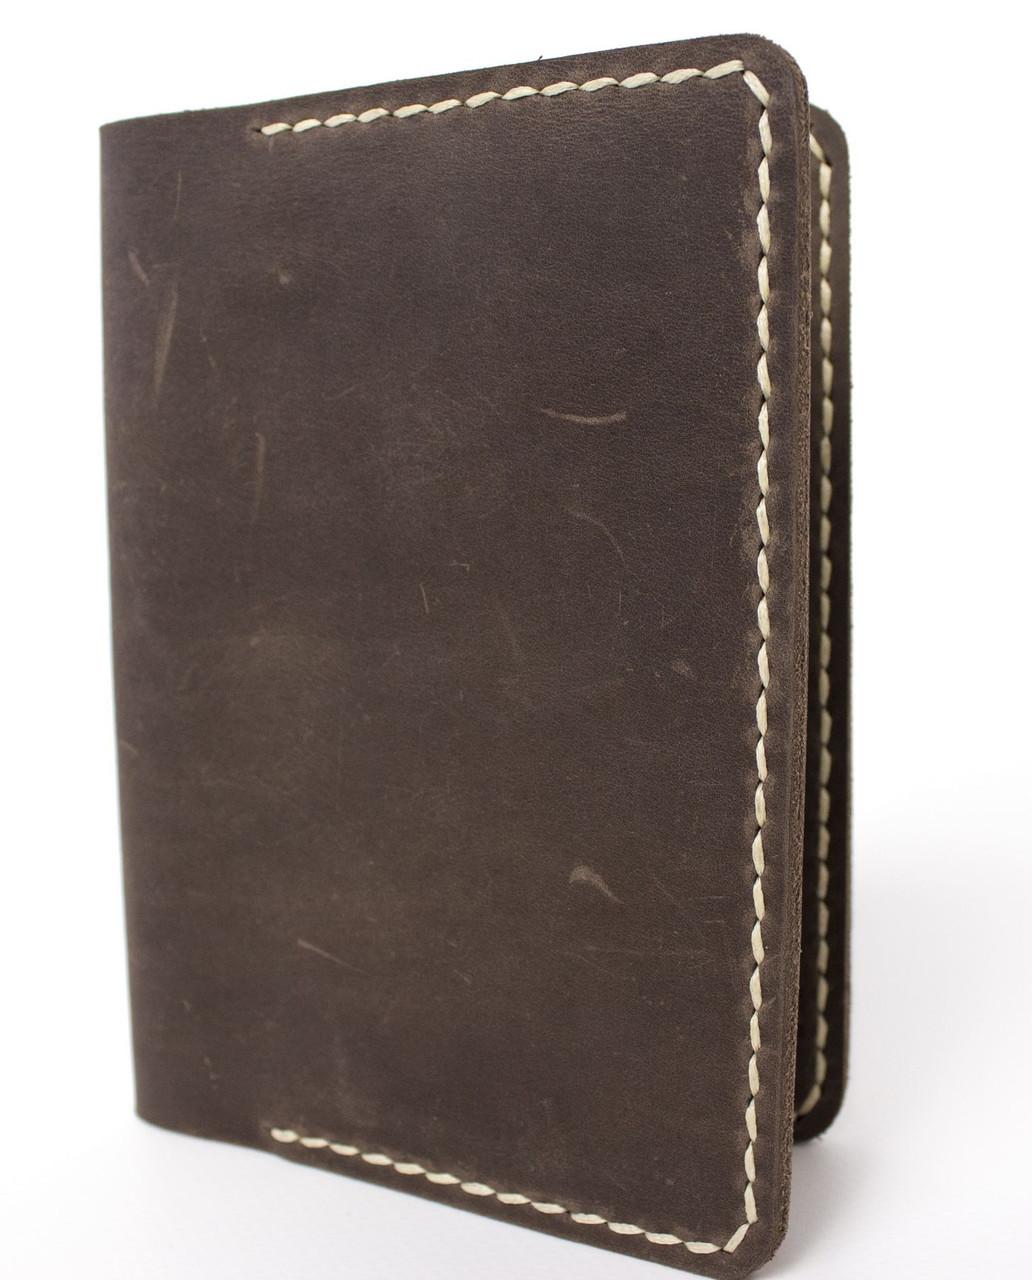 Обложка для паспорта ручной работы VOILE vl-pc1-brn-beg